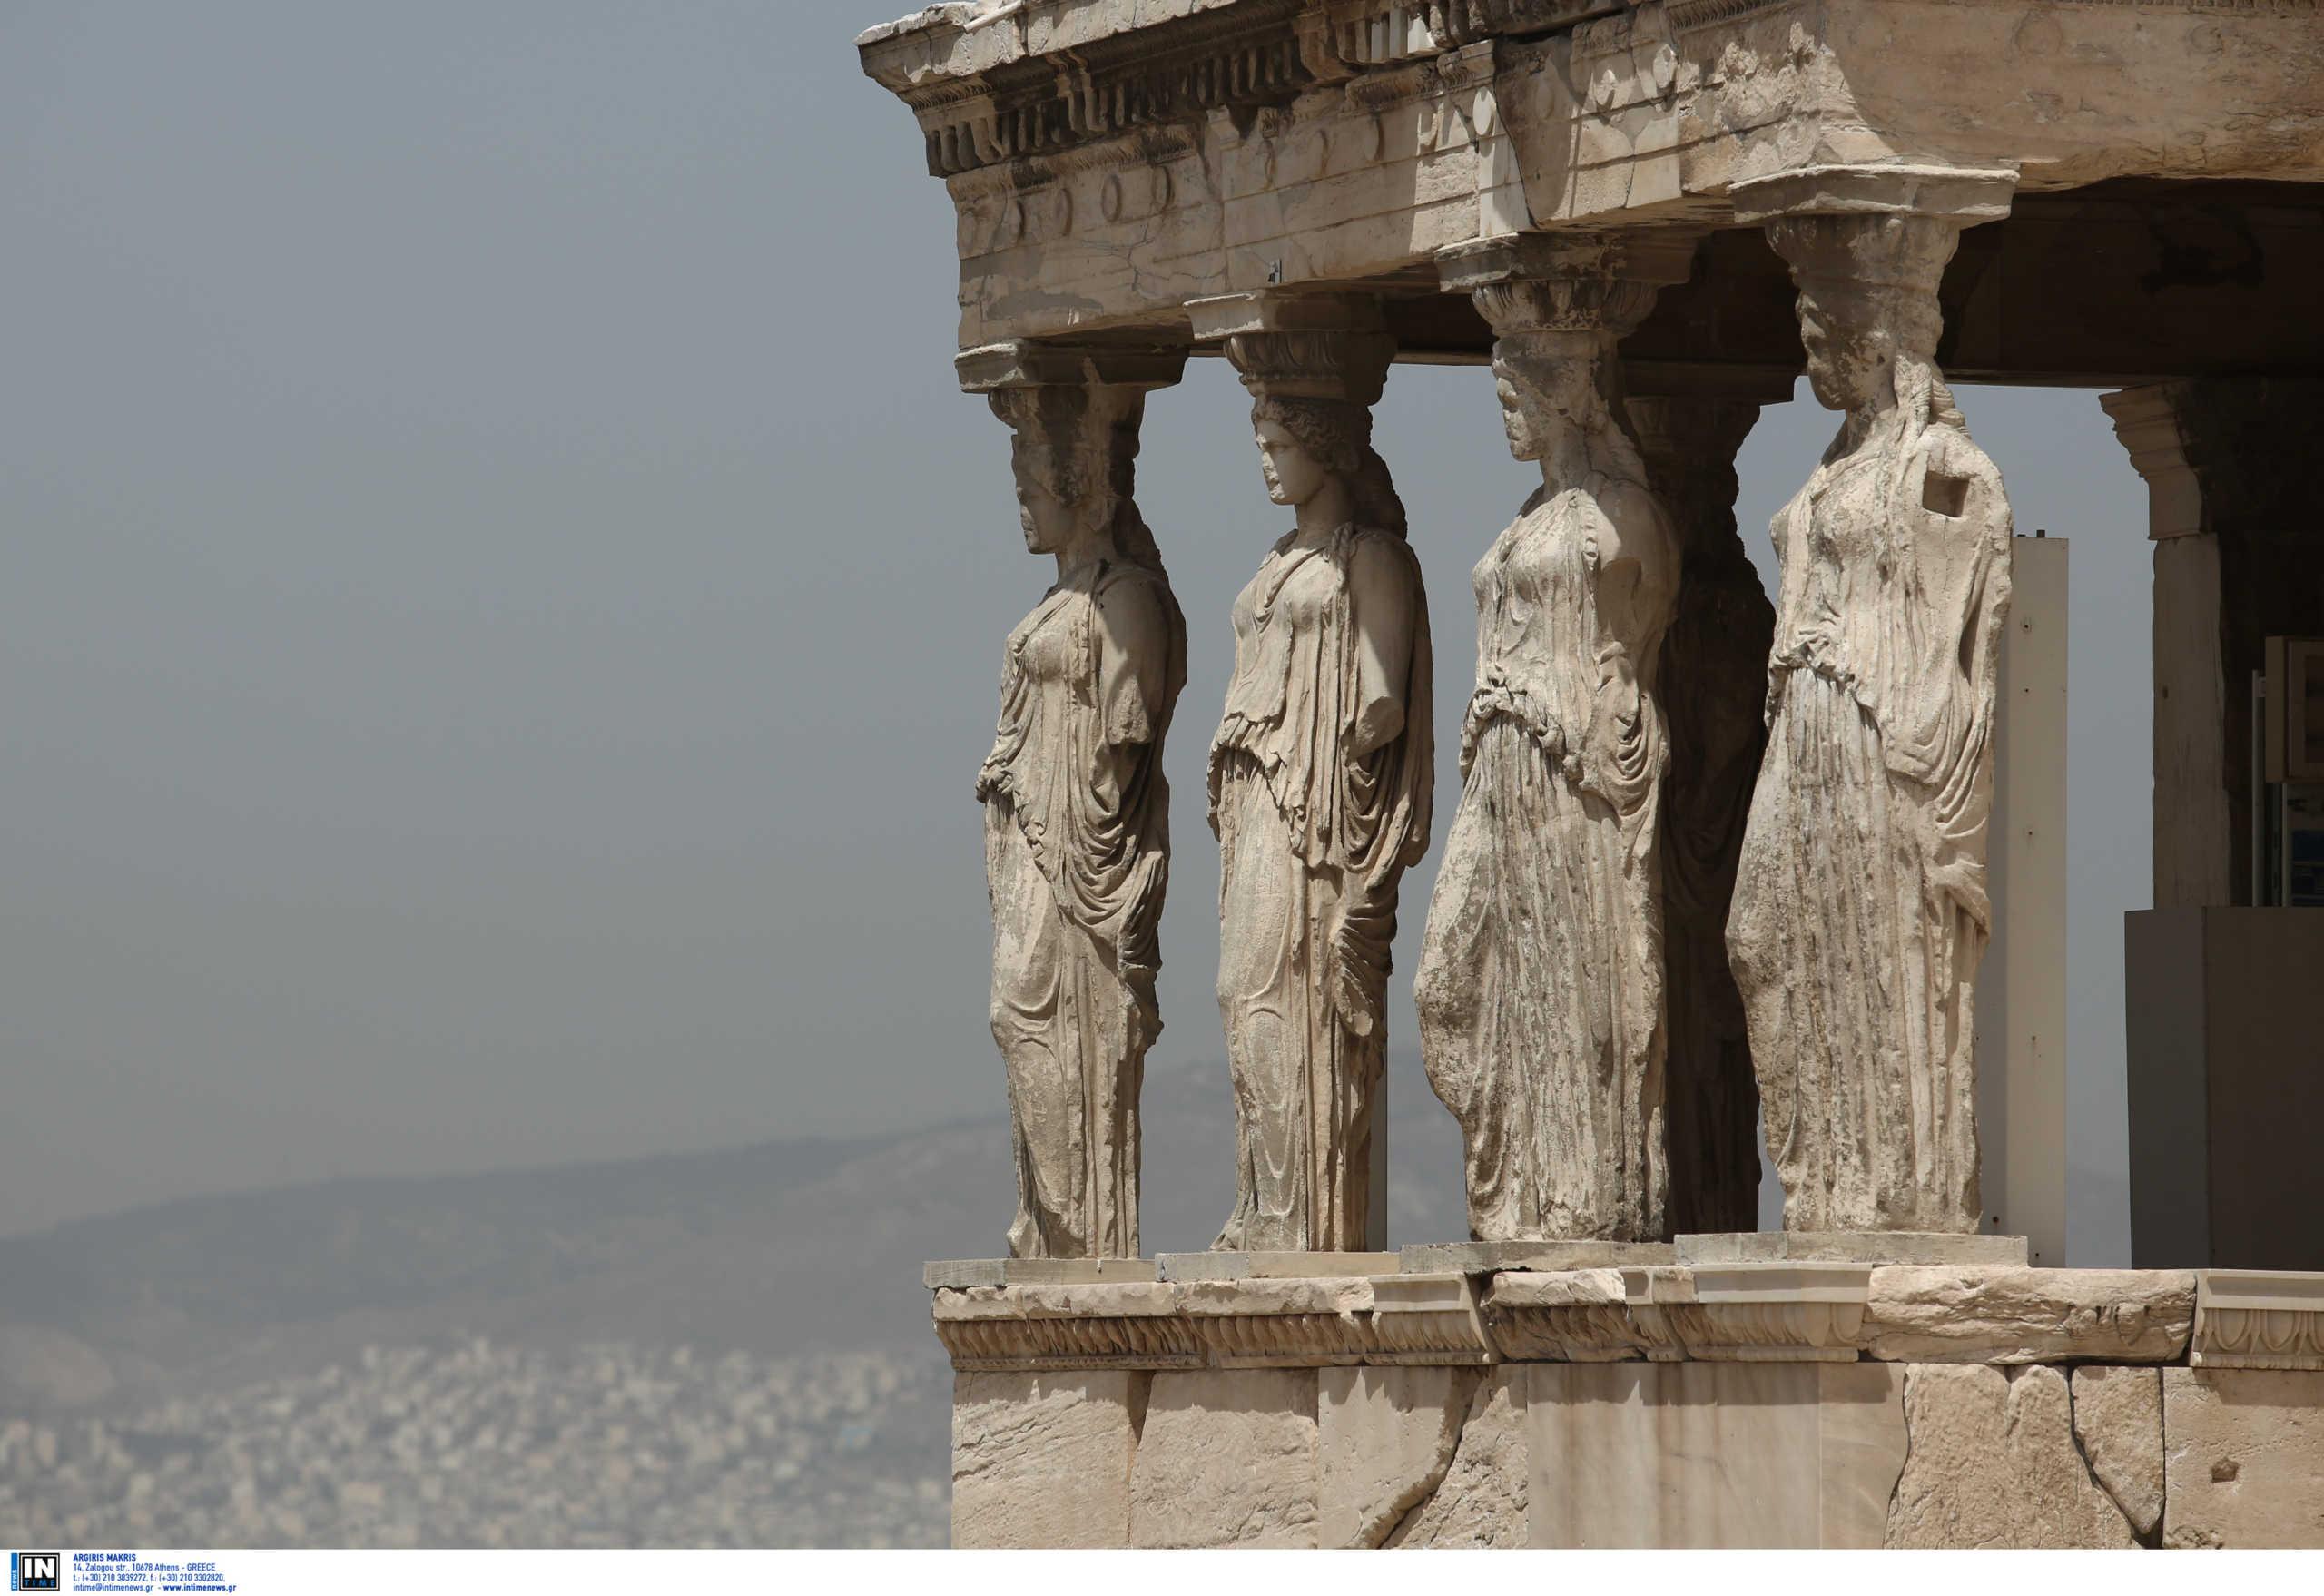 Παγκόσμιο προσκλητήριο από τα διεθνή ΜΜΕ: Άνοιξε η Ακρόπολη! Η Ελλάδα ασφαλής χώρα